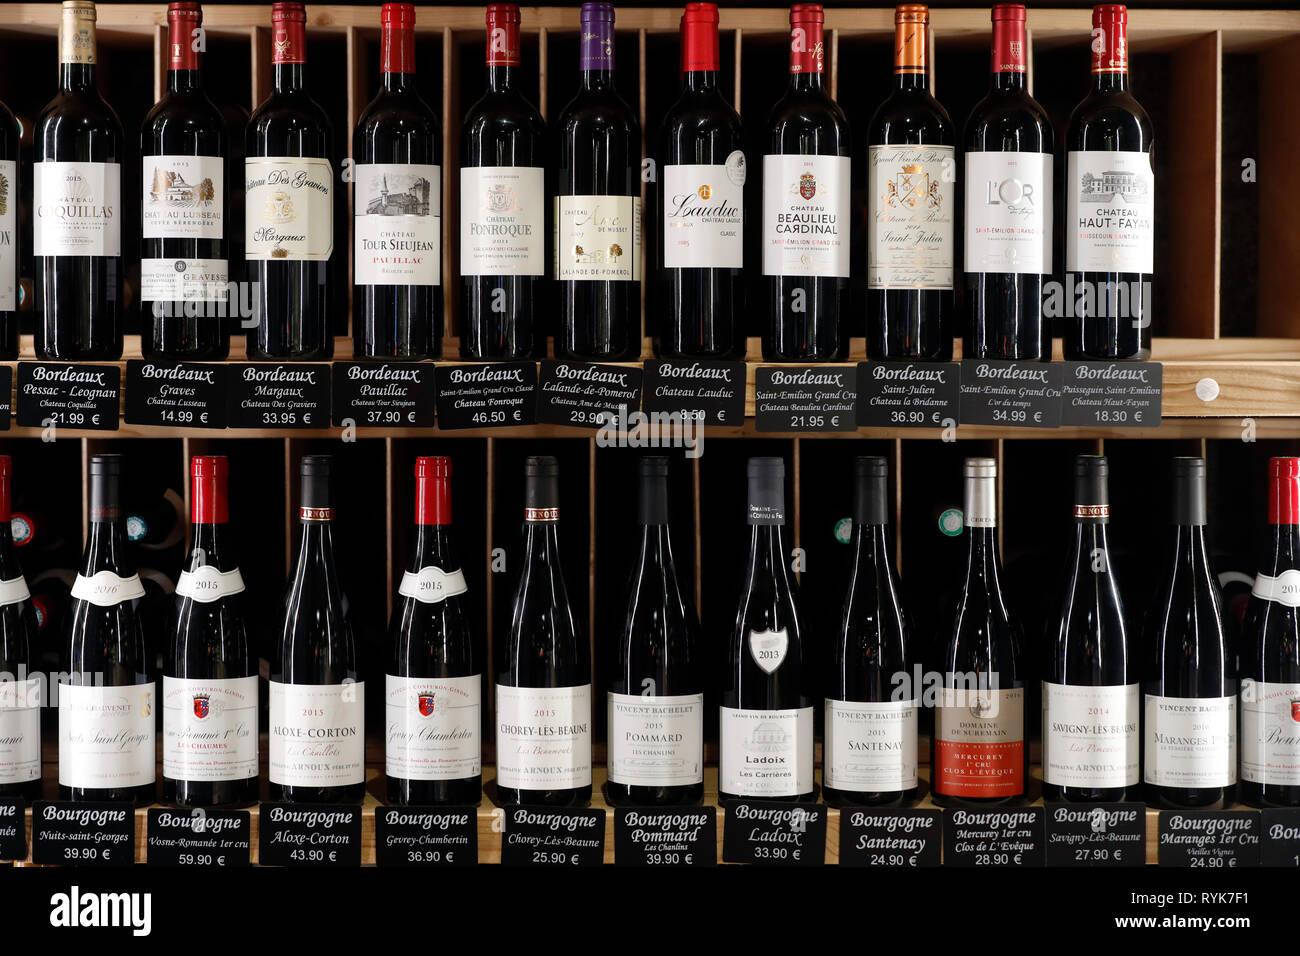 Tienda de vinos. Selección de vinos franceses para la venta. Francia. Imagen De Stock